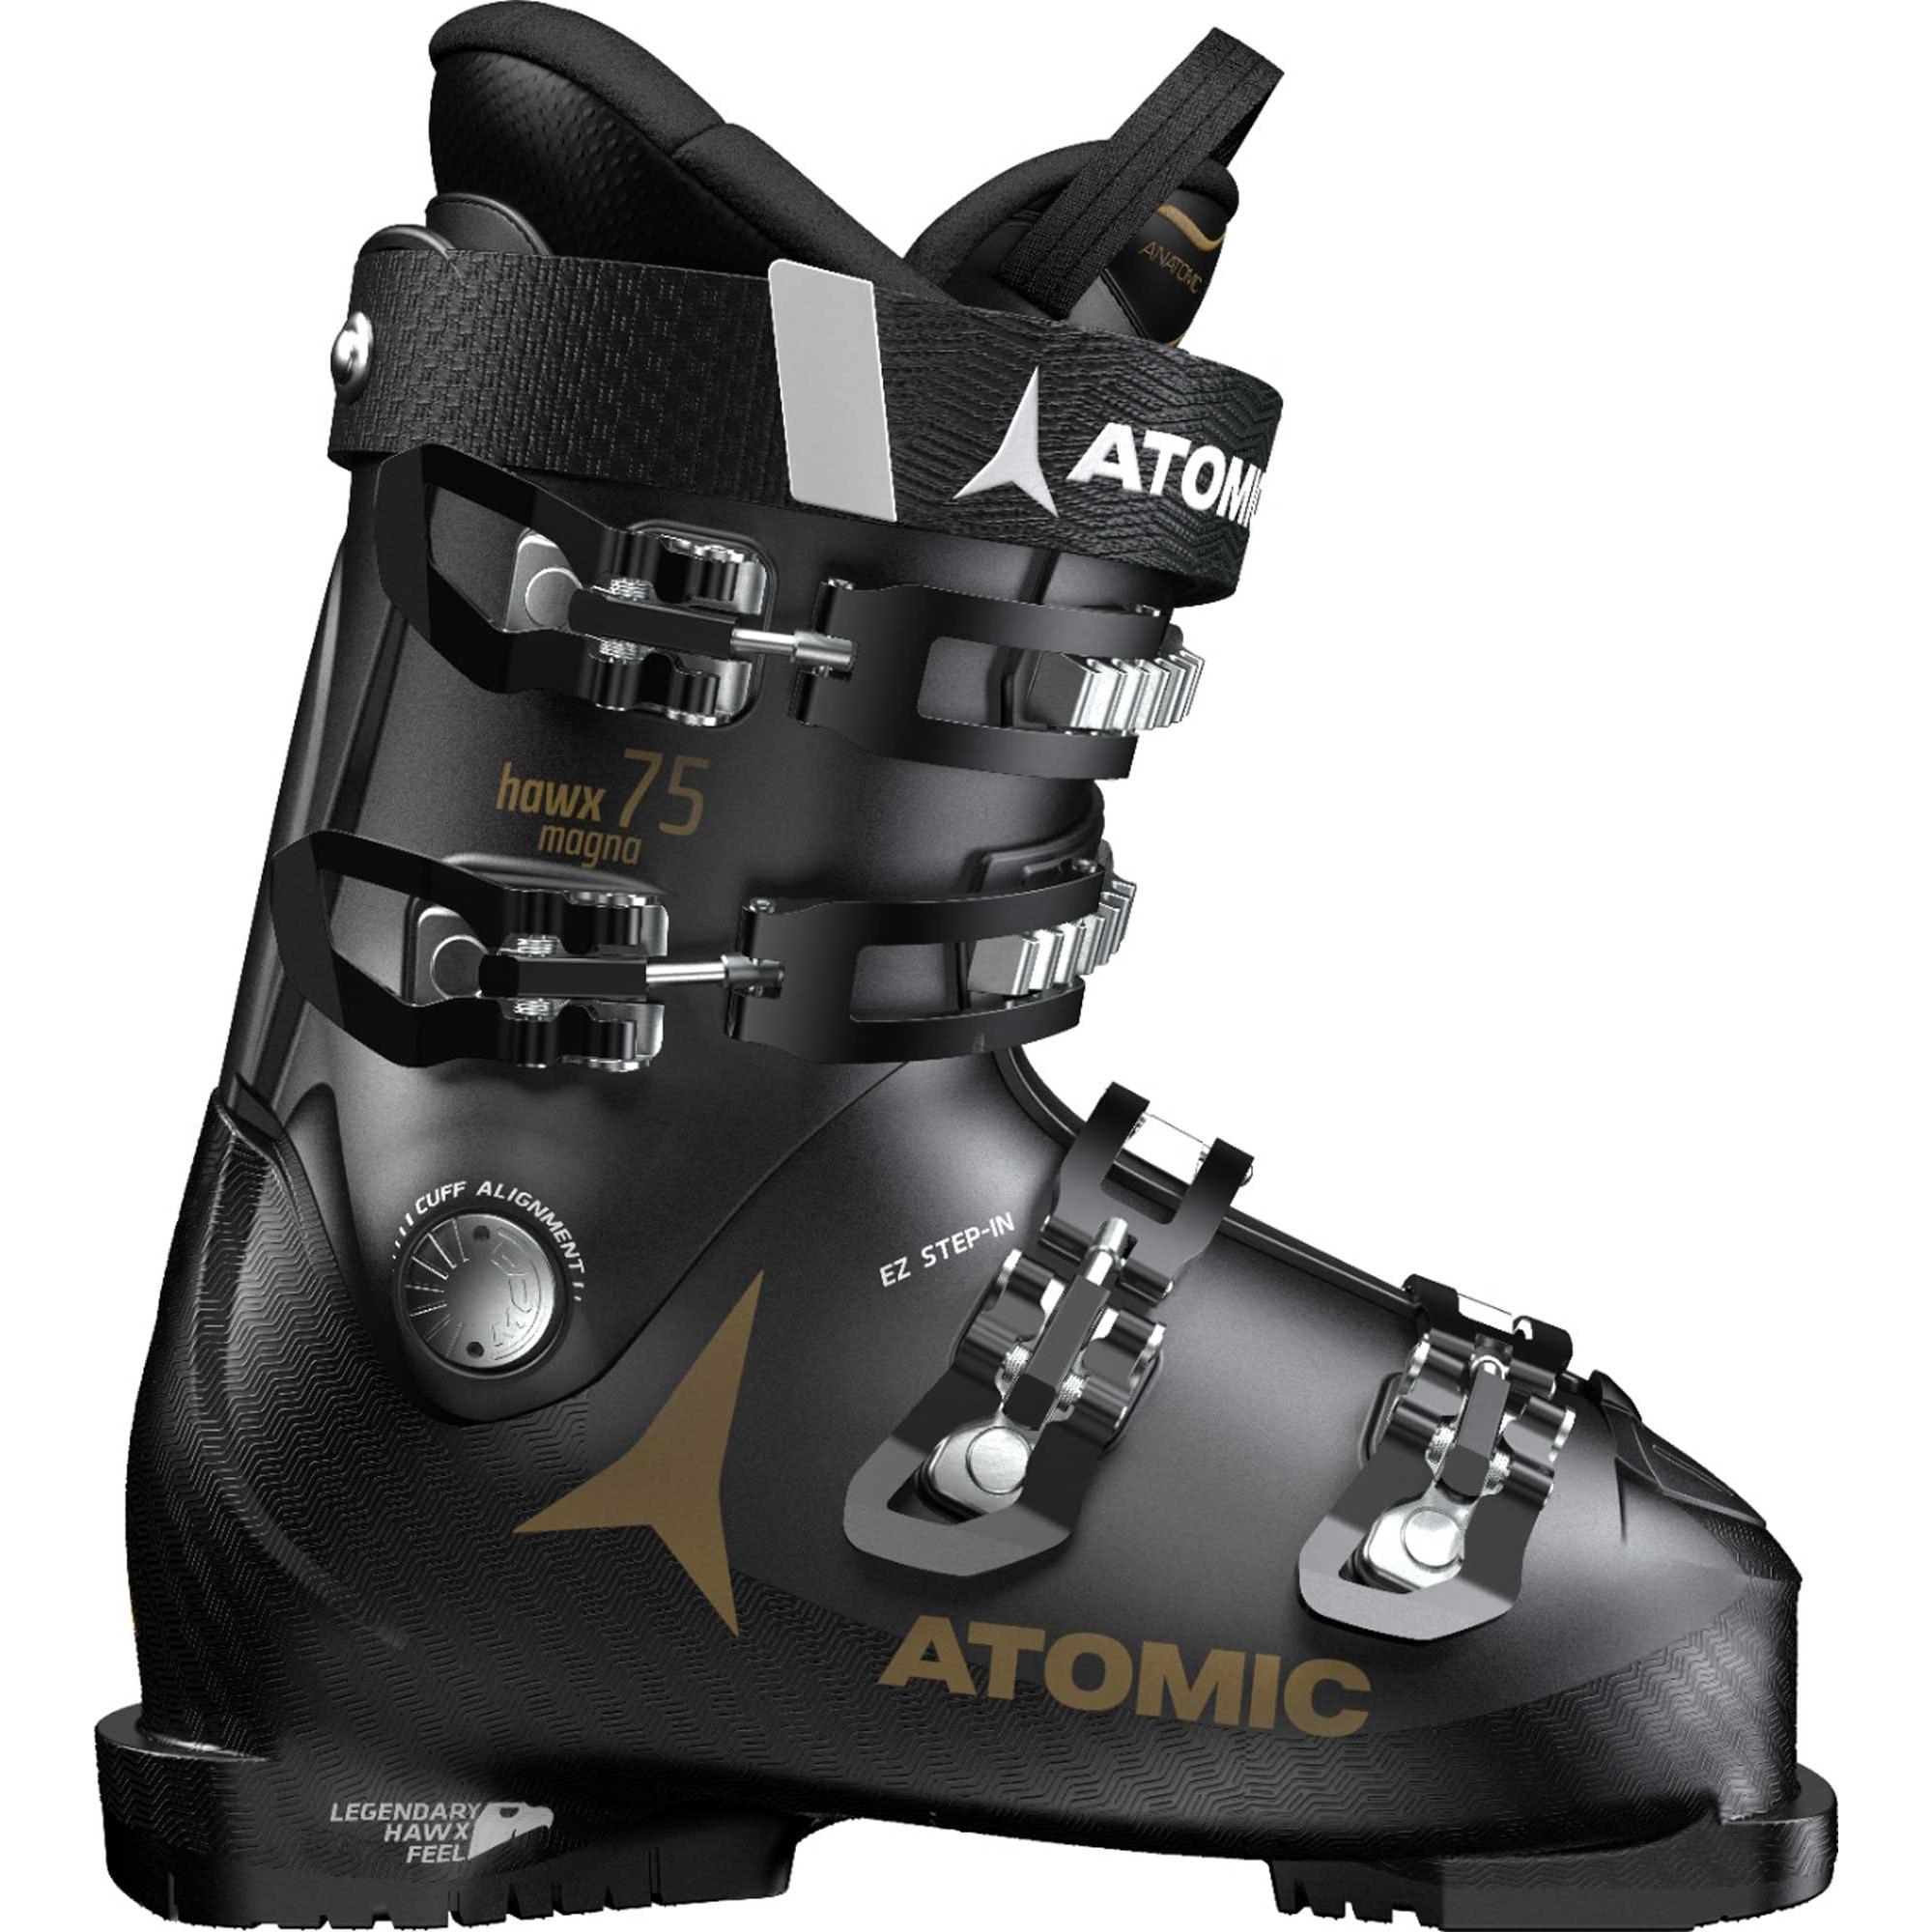 Fotografie Clapari ski Atomic Hawx Magna 75 pentru femei, Black/Gold, Negru/Auriu, 27, 27.5